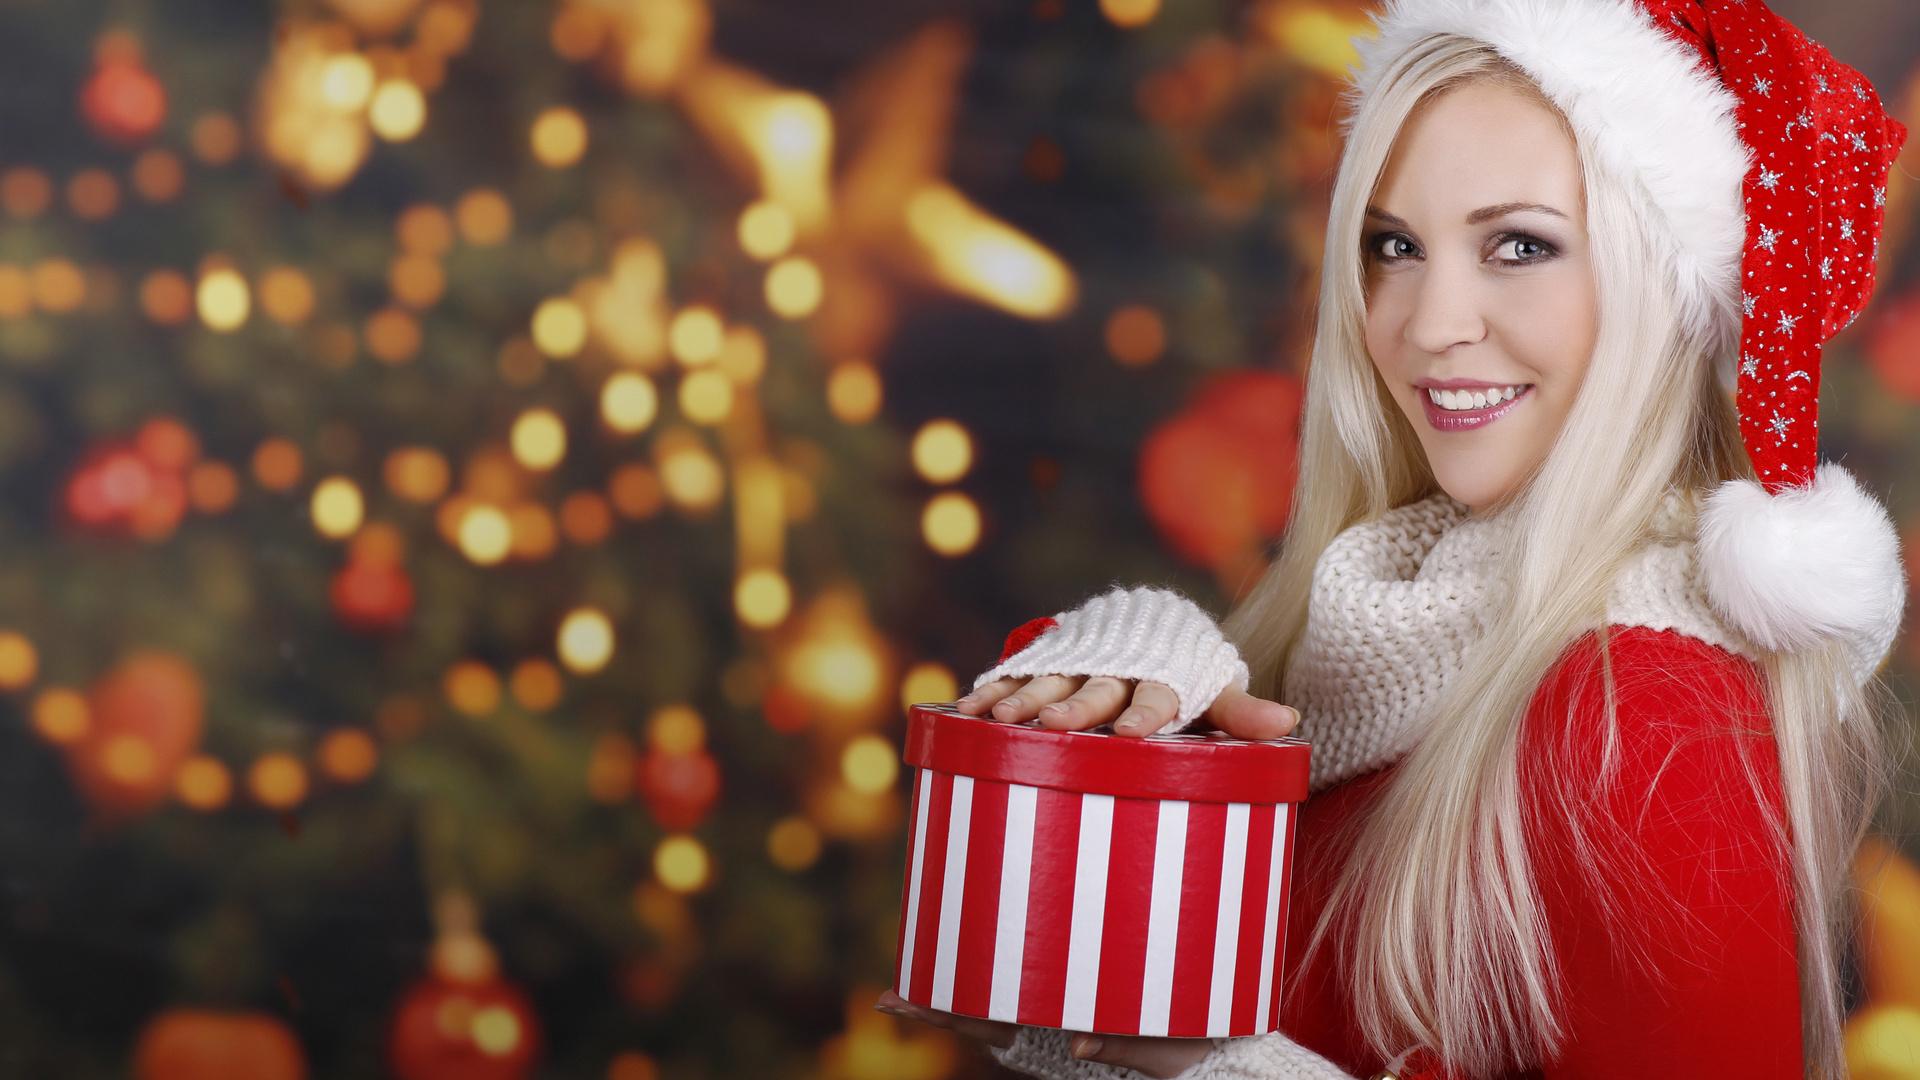 45250 скачать обои Праздники, Люди, Девушки, Новый Год (New Year) - заставки и картинки бесплатно